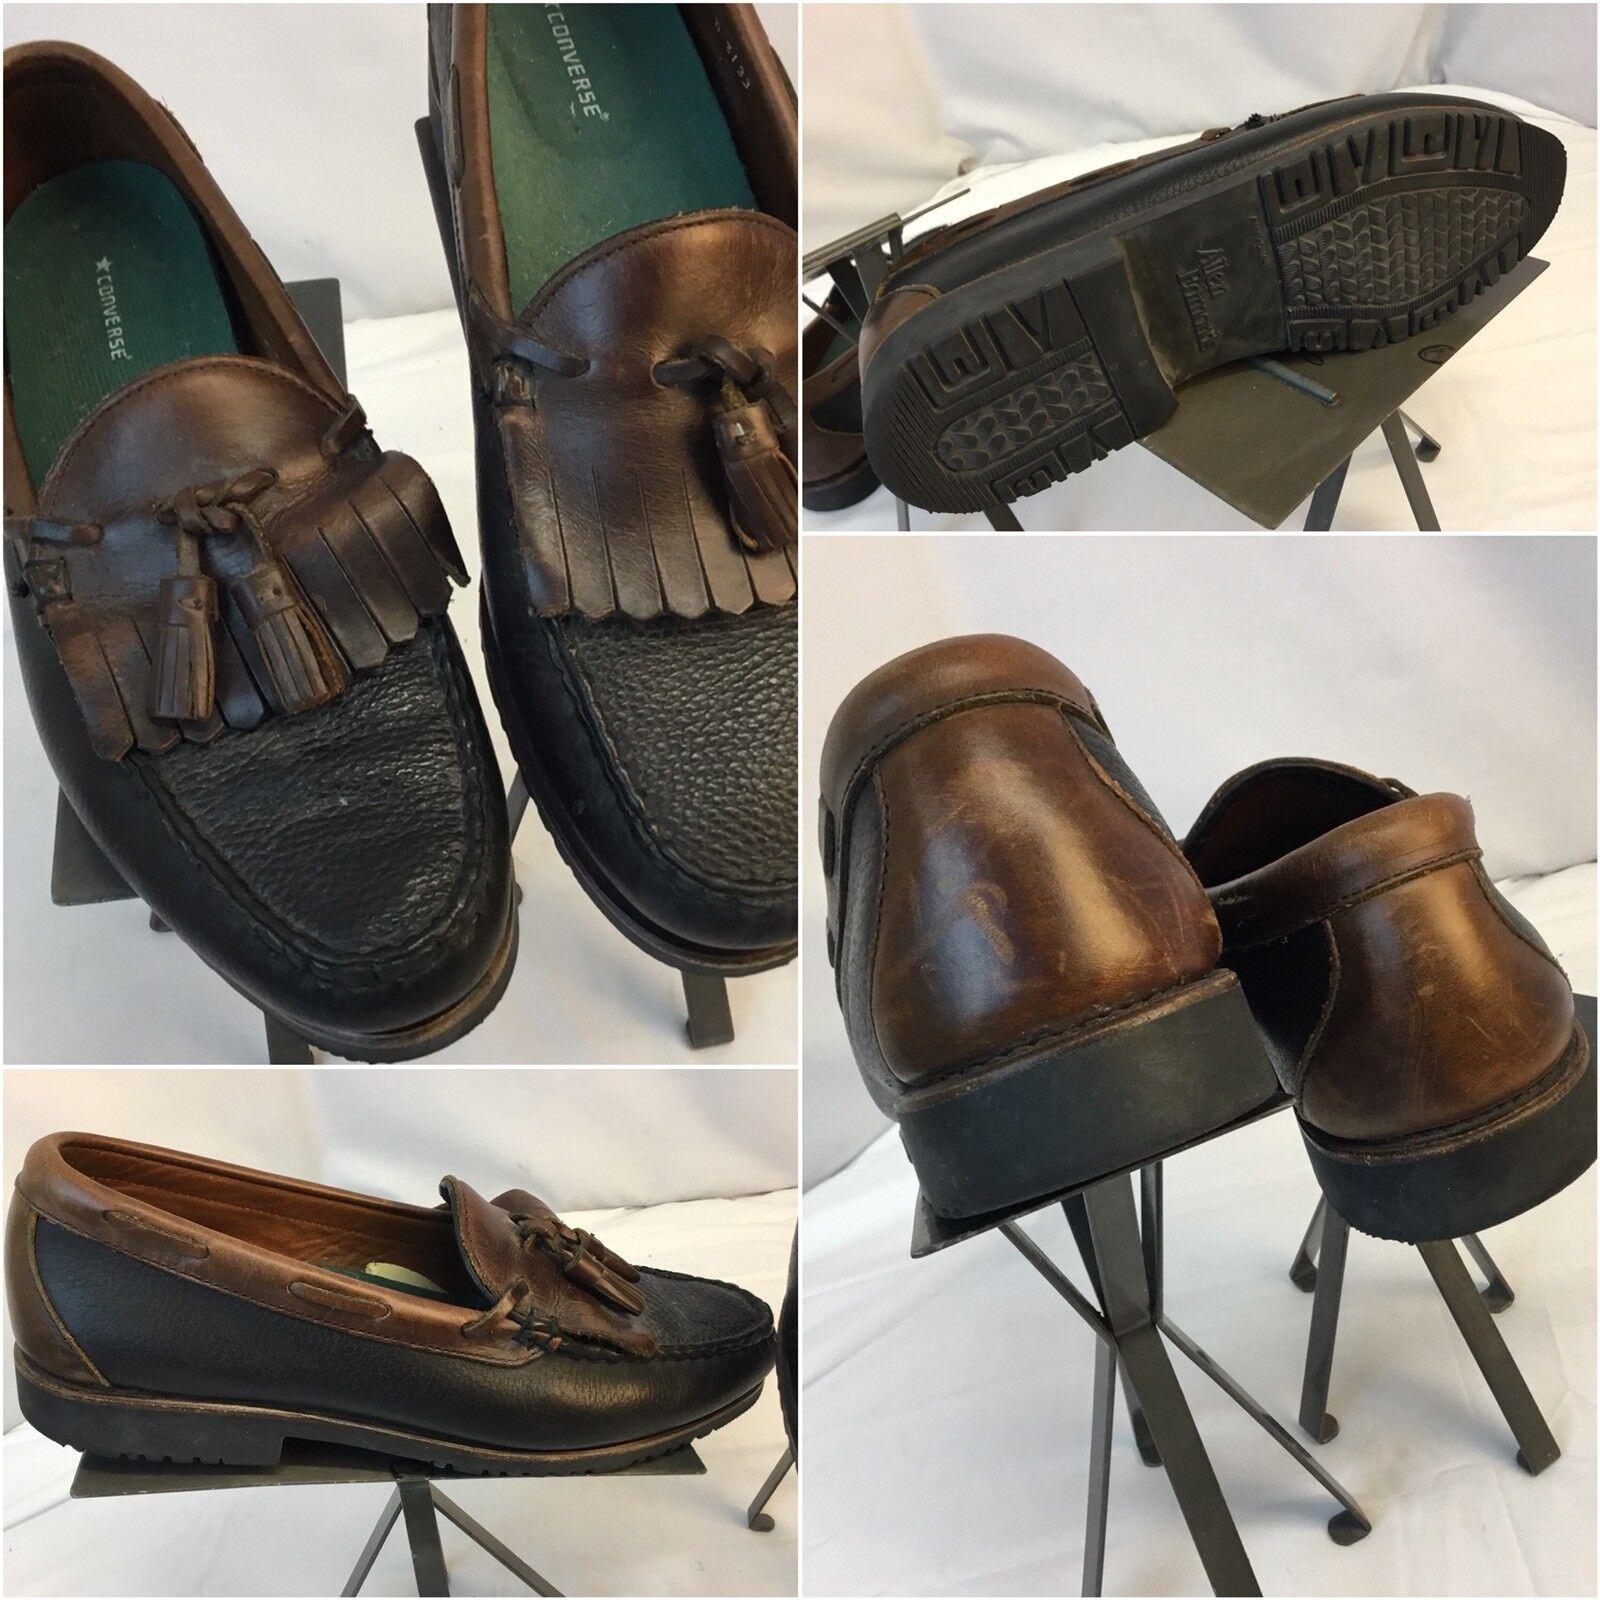 Allen Edmonds D Loafers Shoes Sz 10 D Edmonds Brown Black 2-Tone Tassels EUC YGI B8 20b034